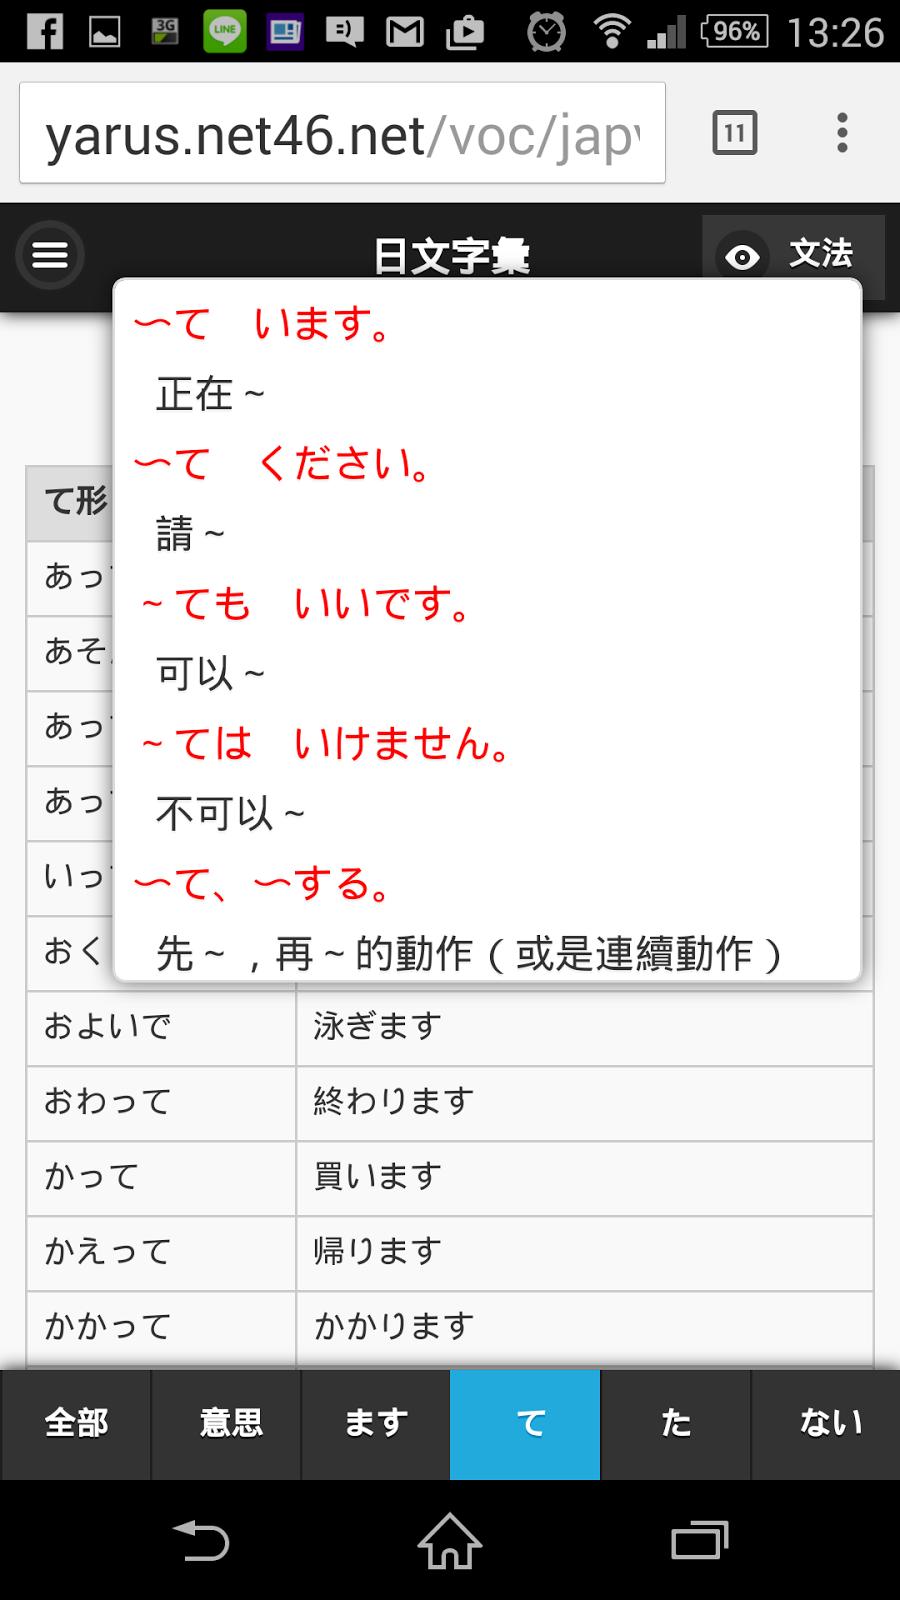 自學駅: 日語動詞─網頁簡表 (大家的日本語)